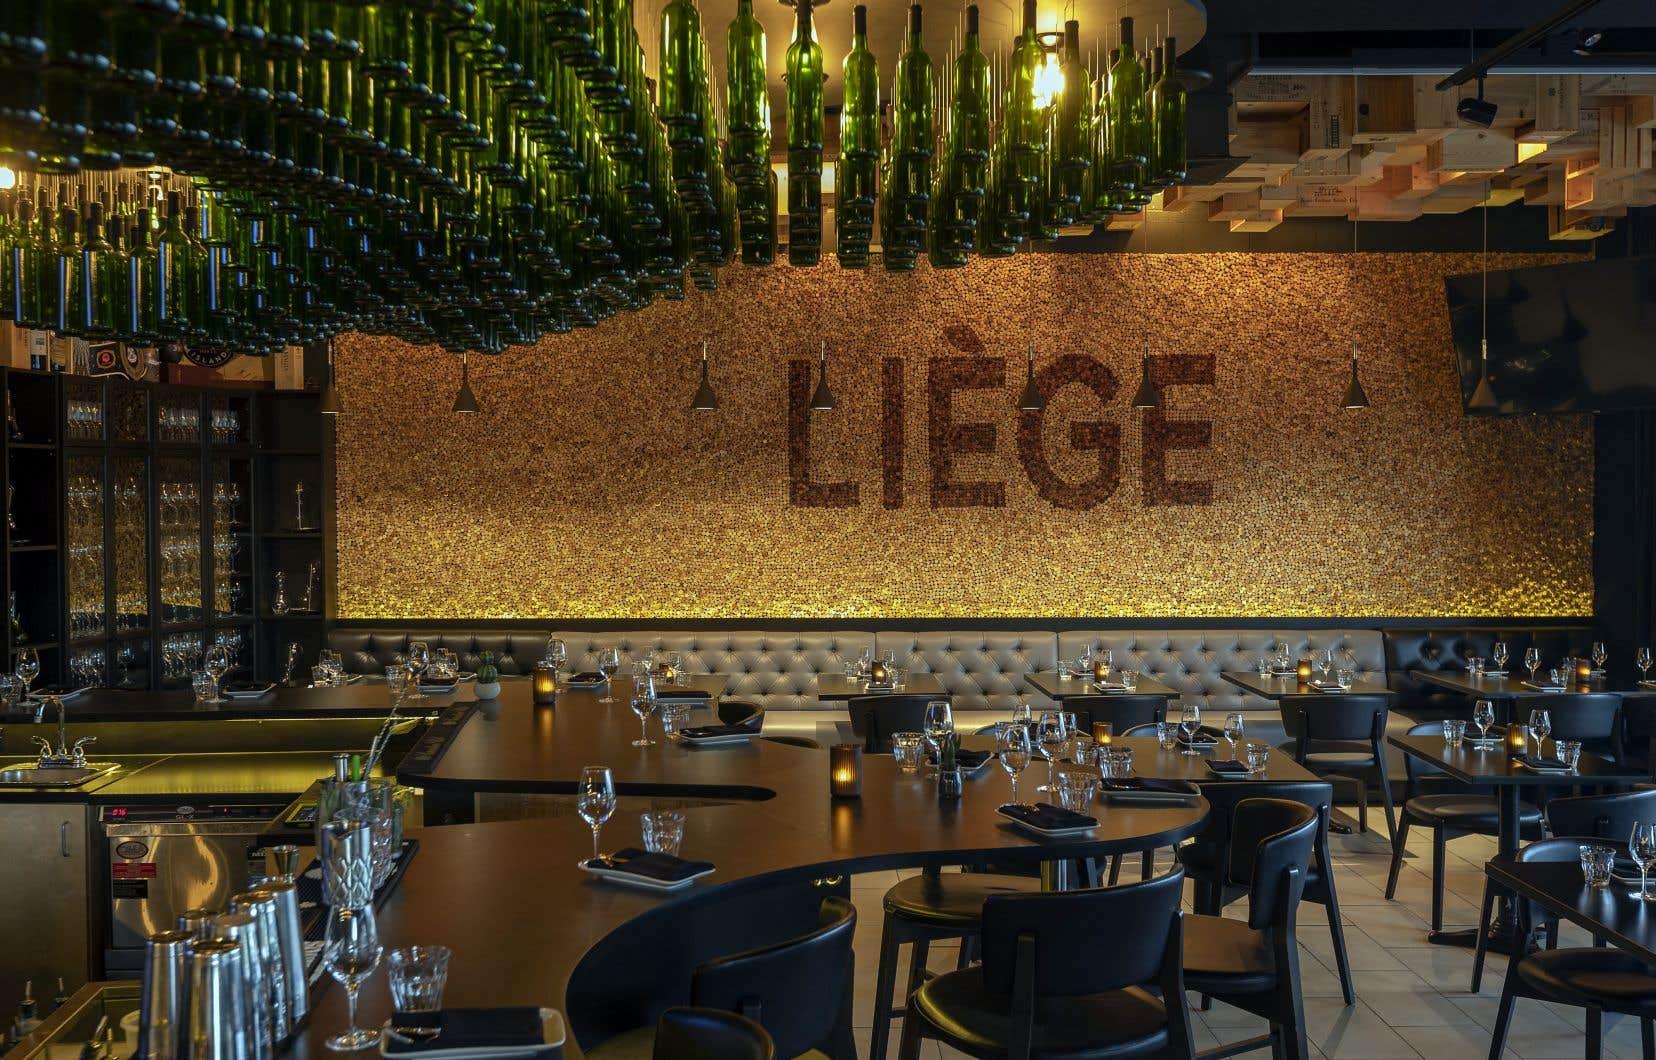 Les luminaires en bouteilles de verre qui surplombent le bar, ainsi que le mur entièrement couvert de bouchons de liège, rappellent plaisamment le nom du resto.